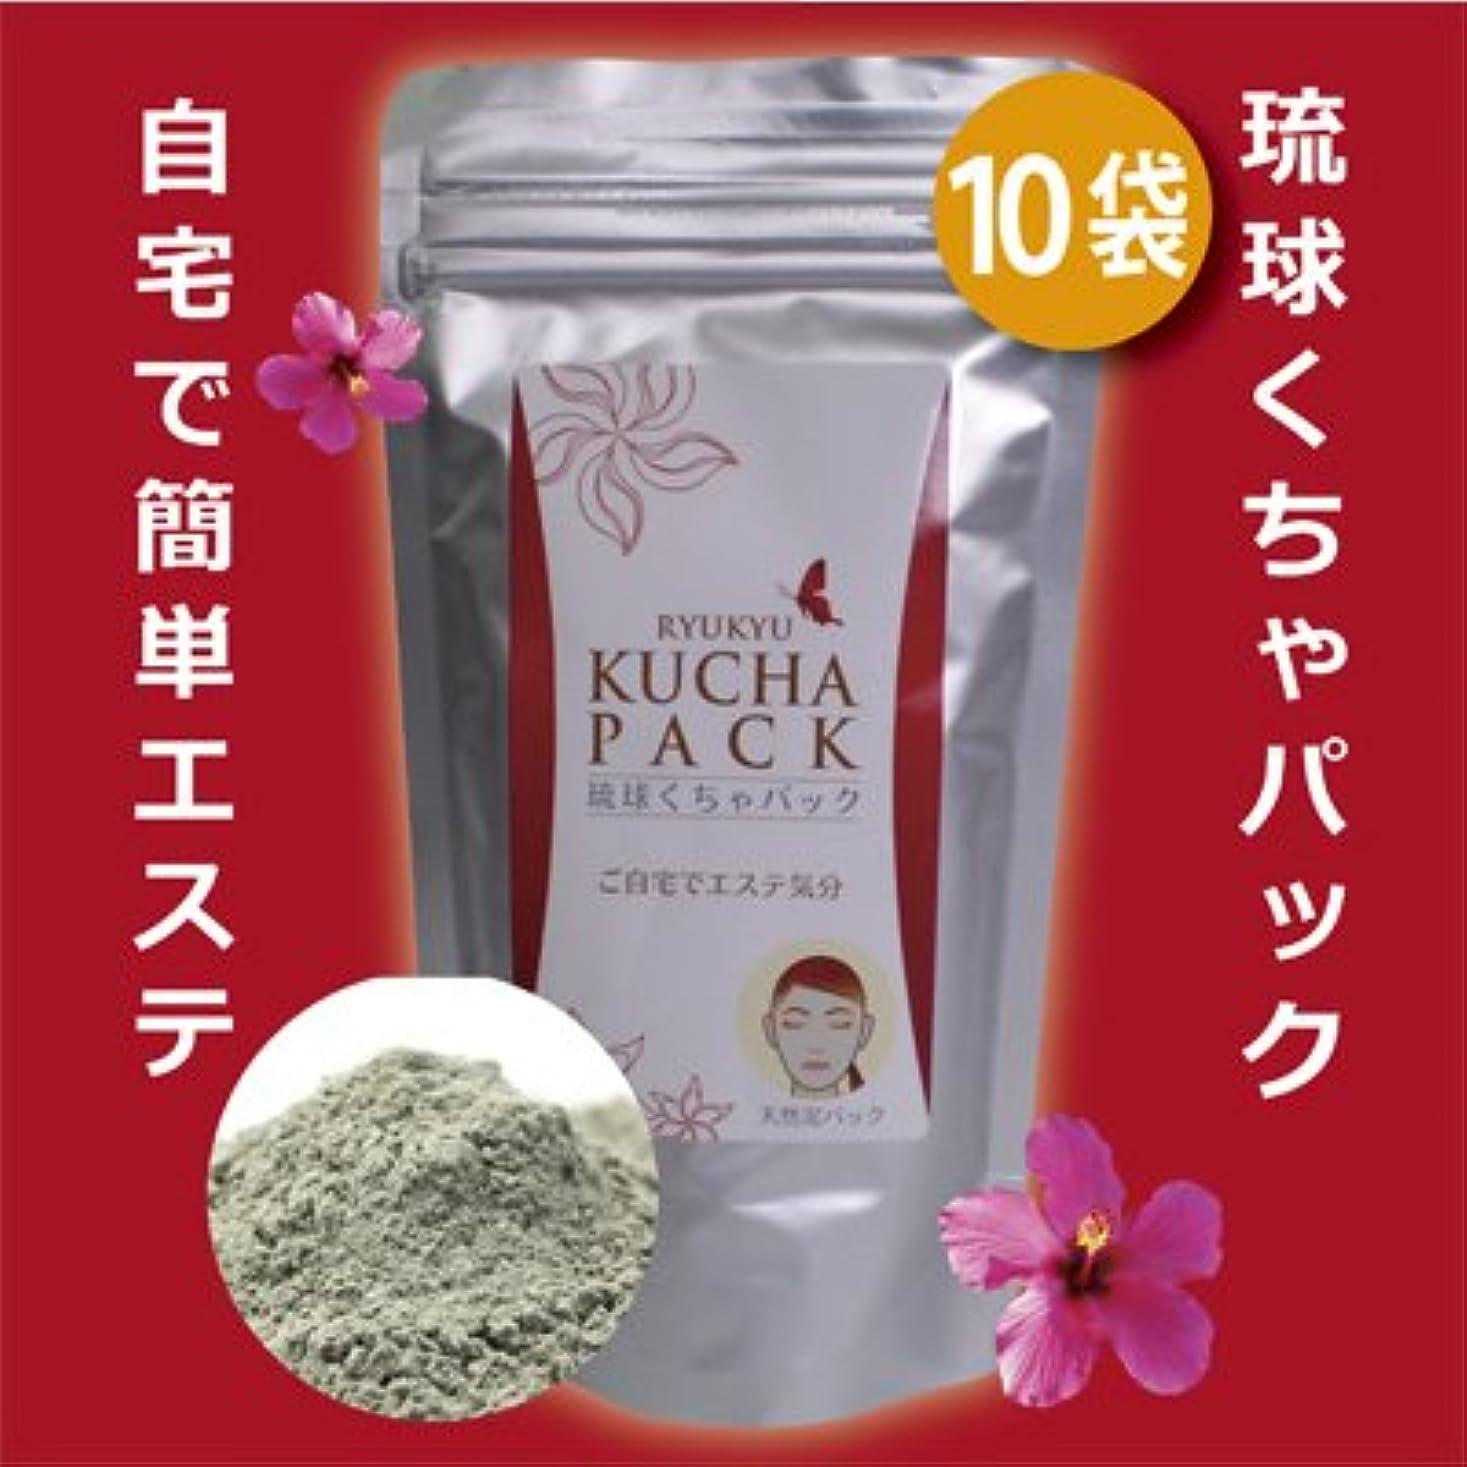 ヤギ足割り当てる美肌 健康作り 月桃水を加えた使いやすい粉末 沖縄産 琉球くちゃパック 150g 10パック